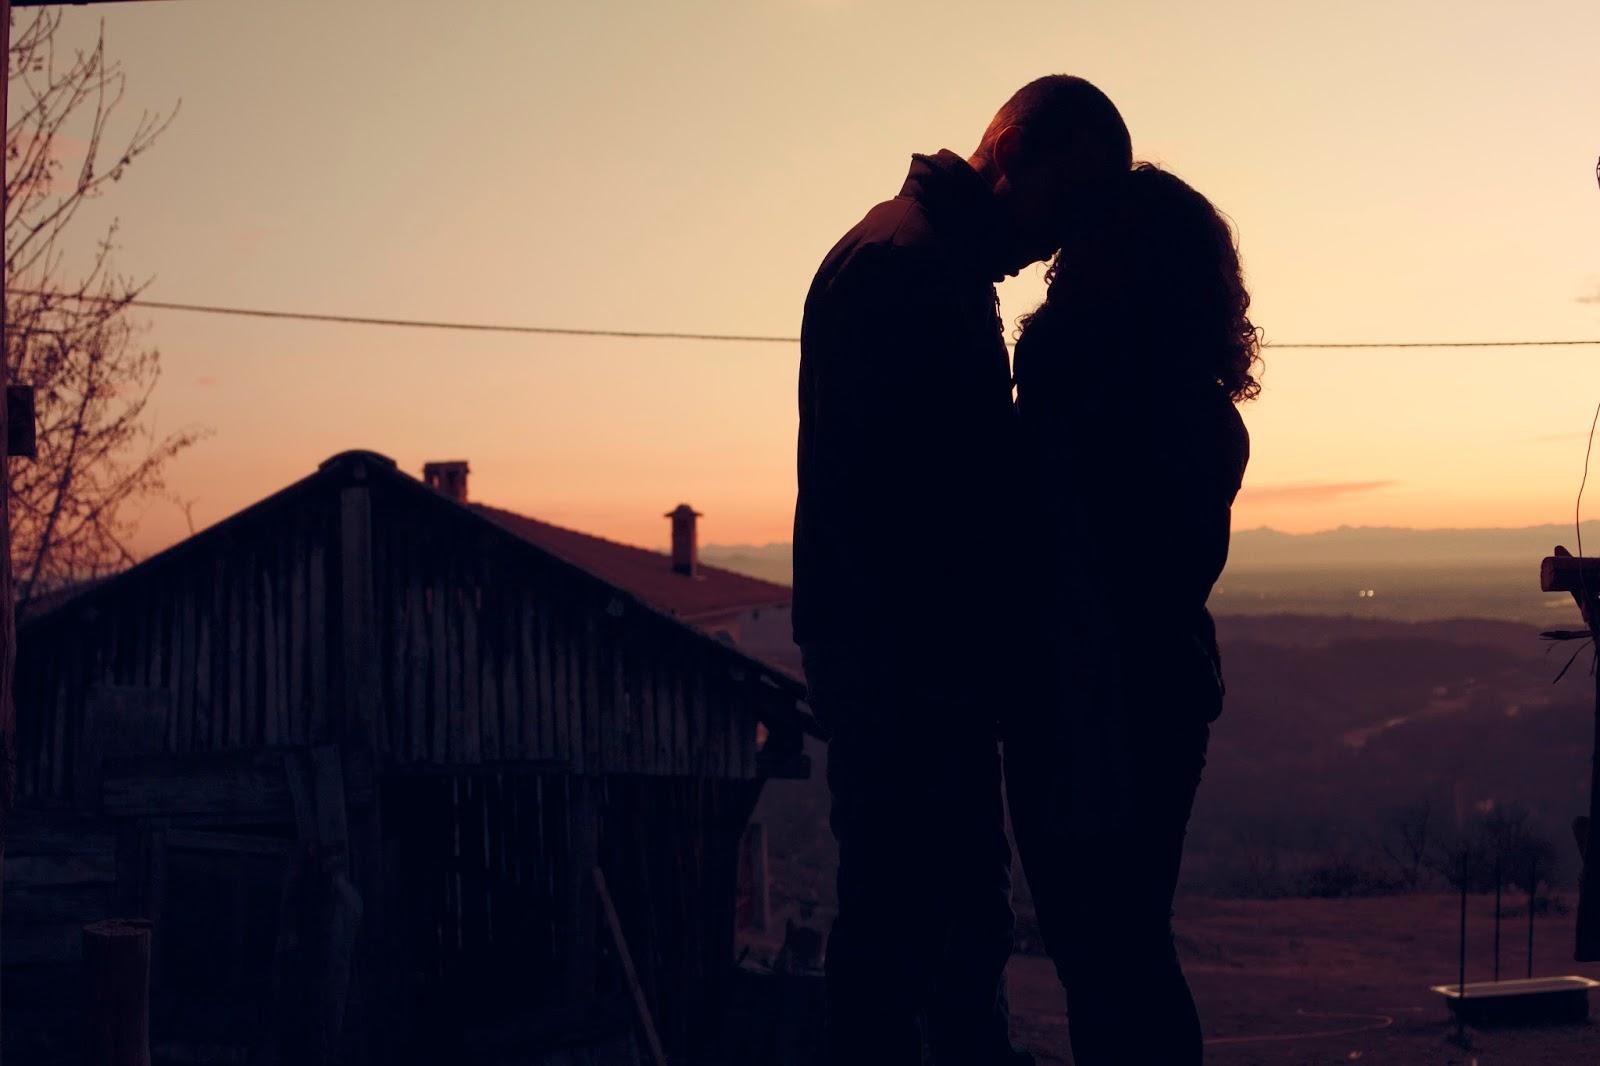 como saber si lo que siento es amor